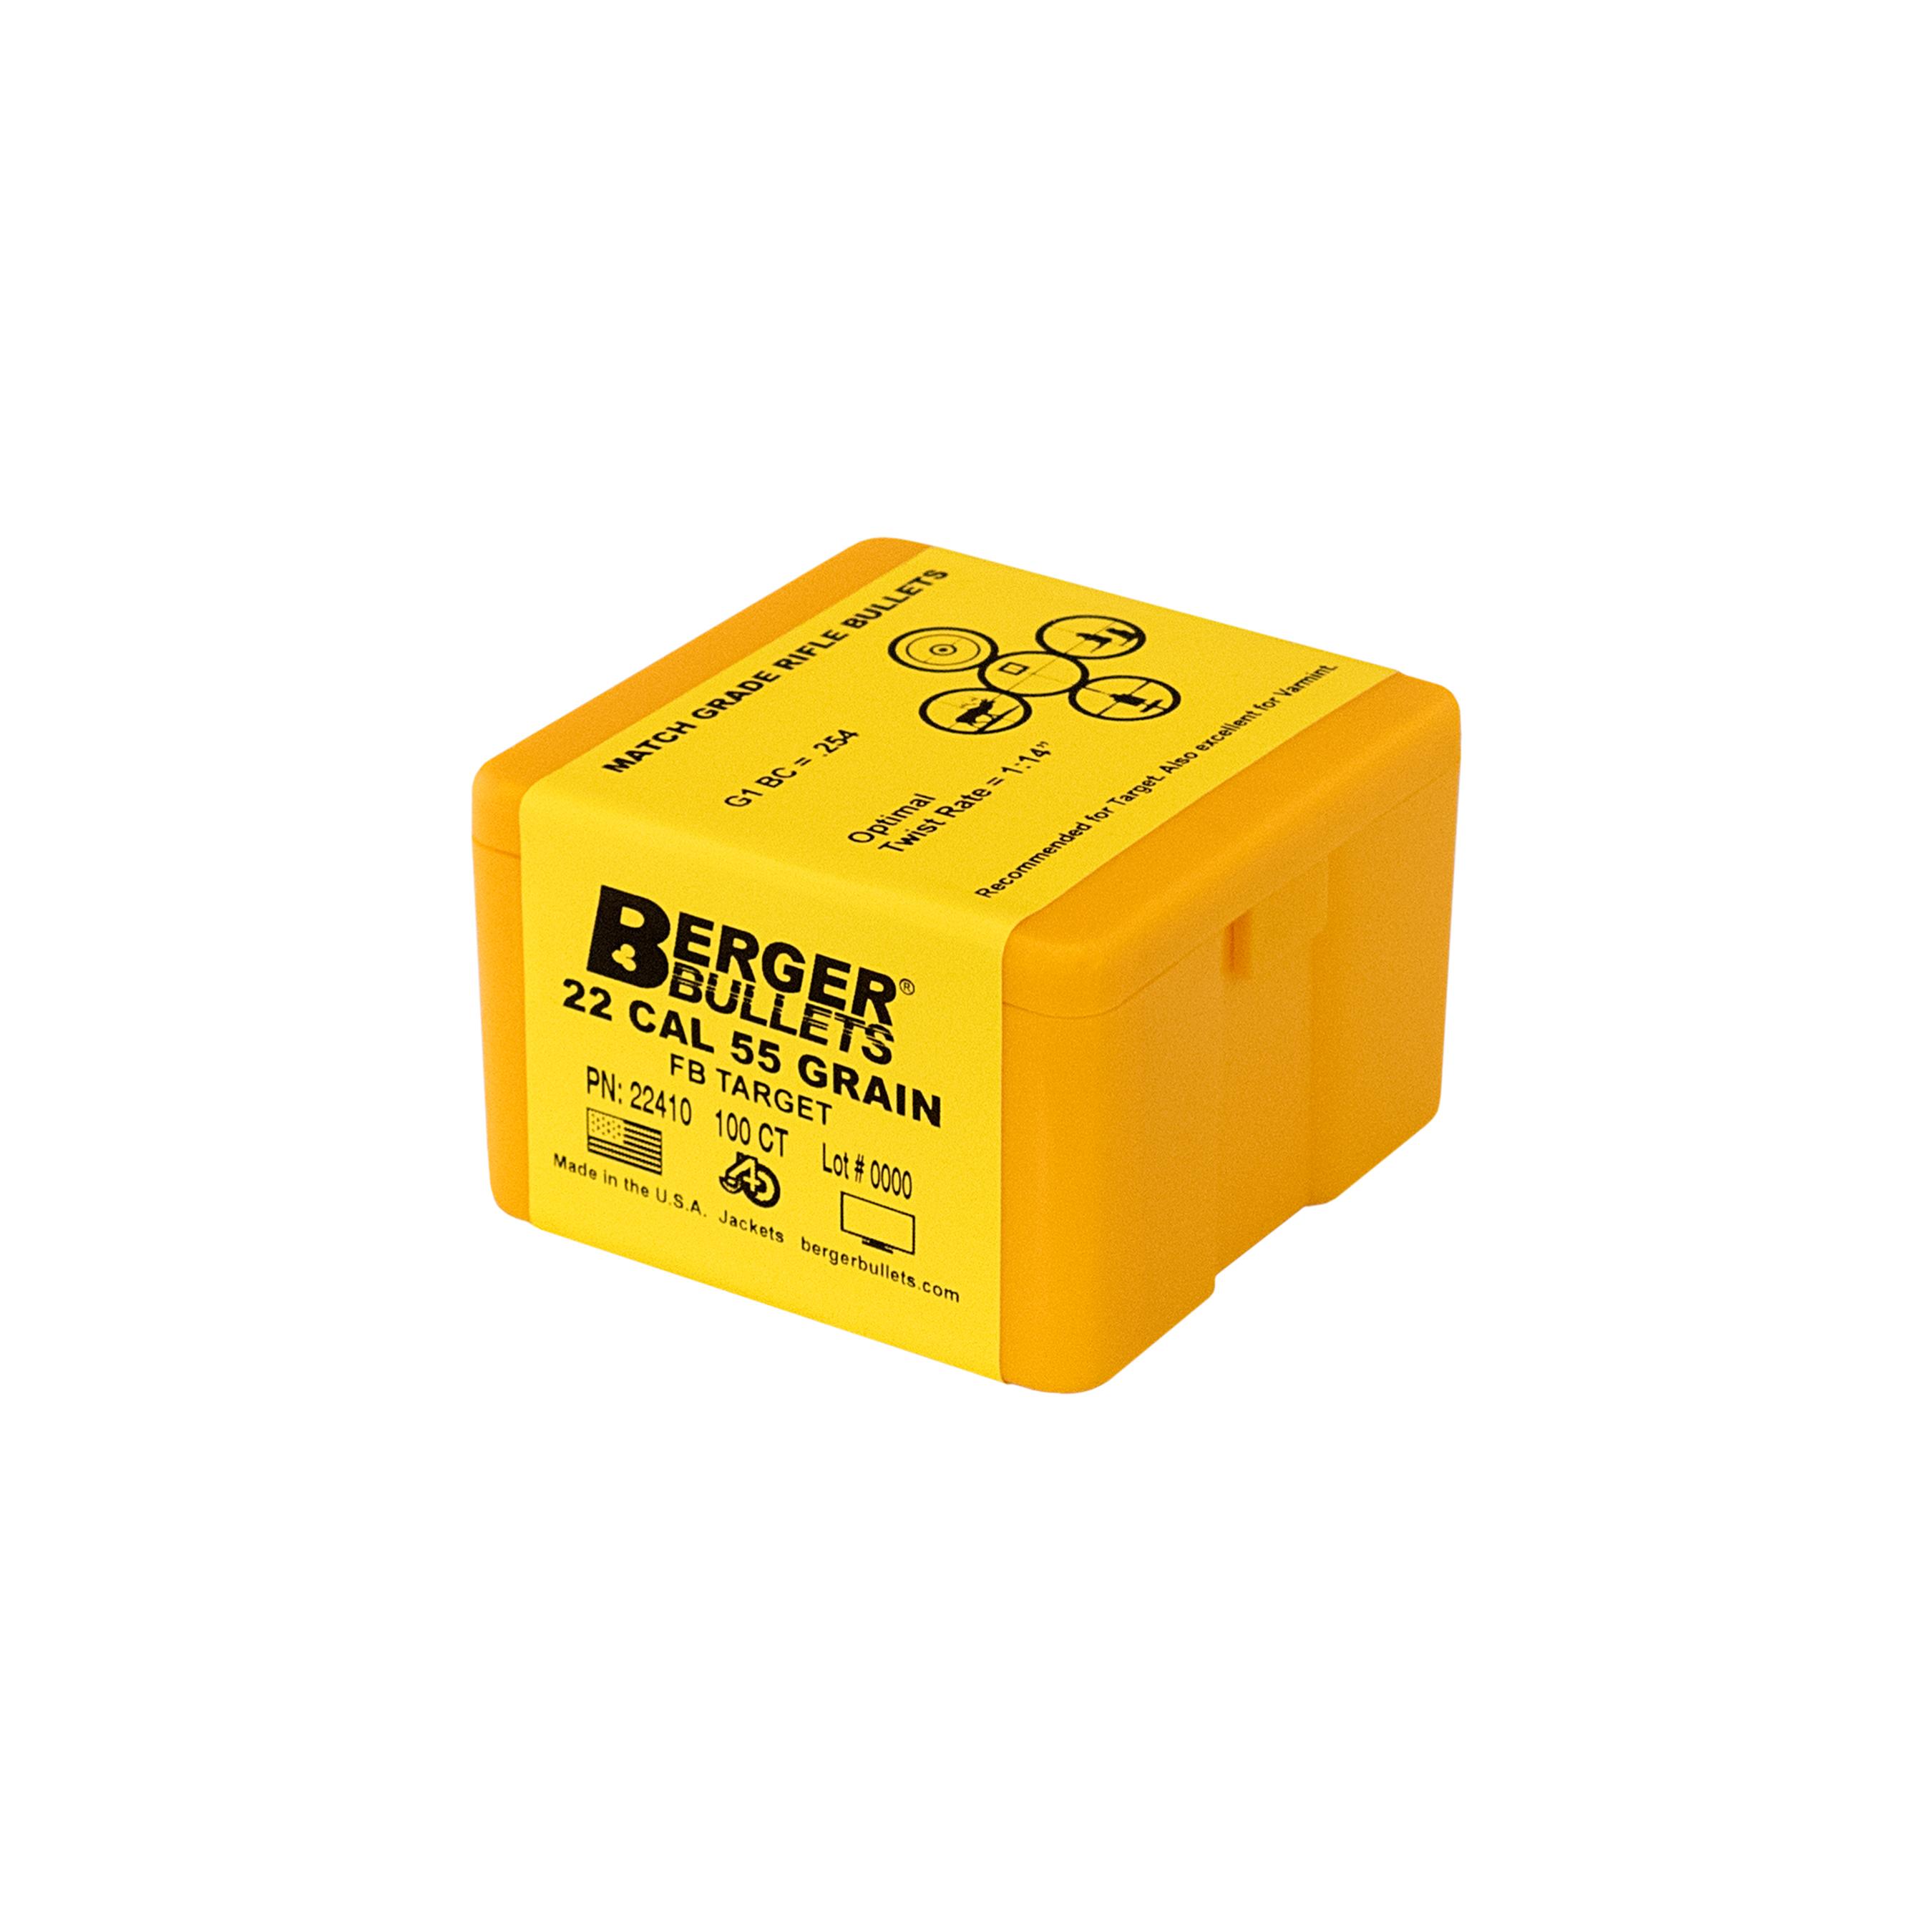 BERGER 22 CAL 55 GR FB TARGET BULLETS (100-CT)